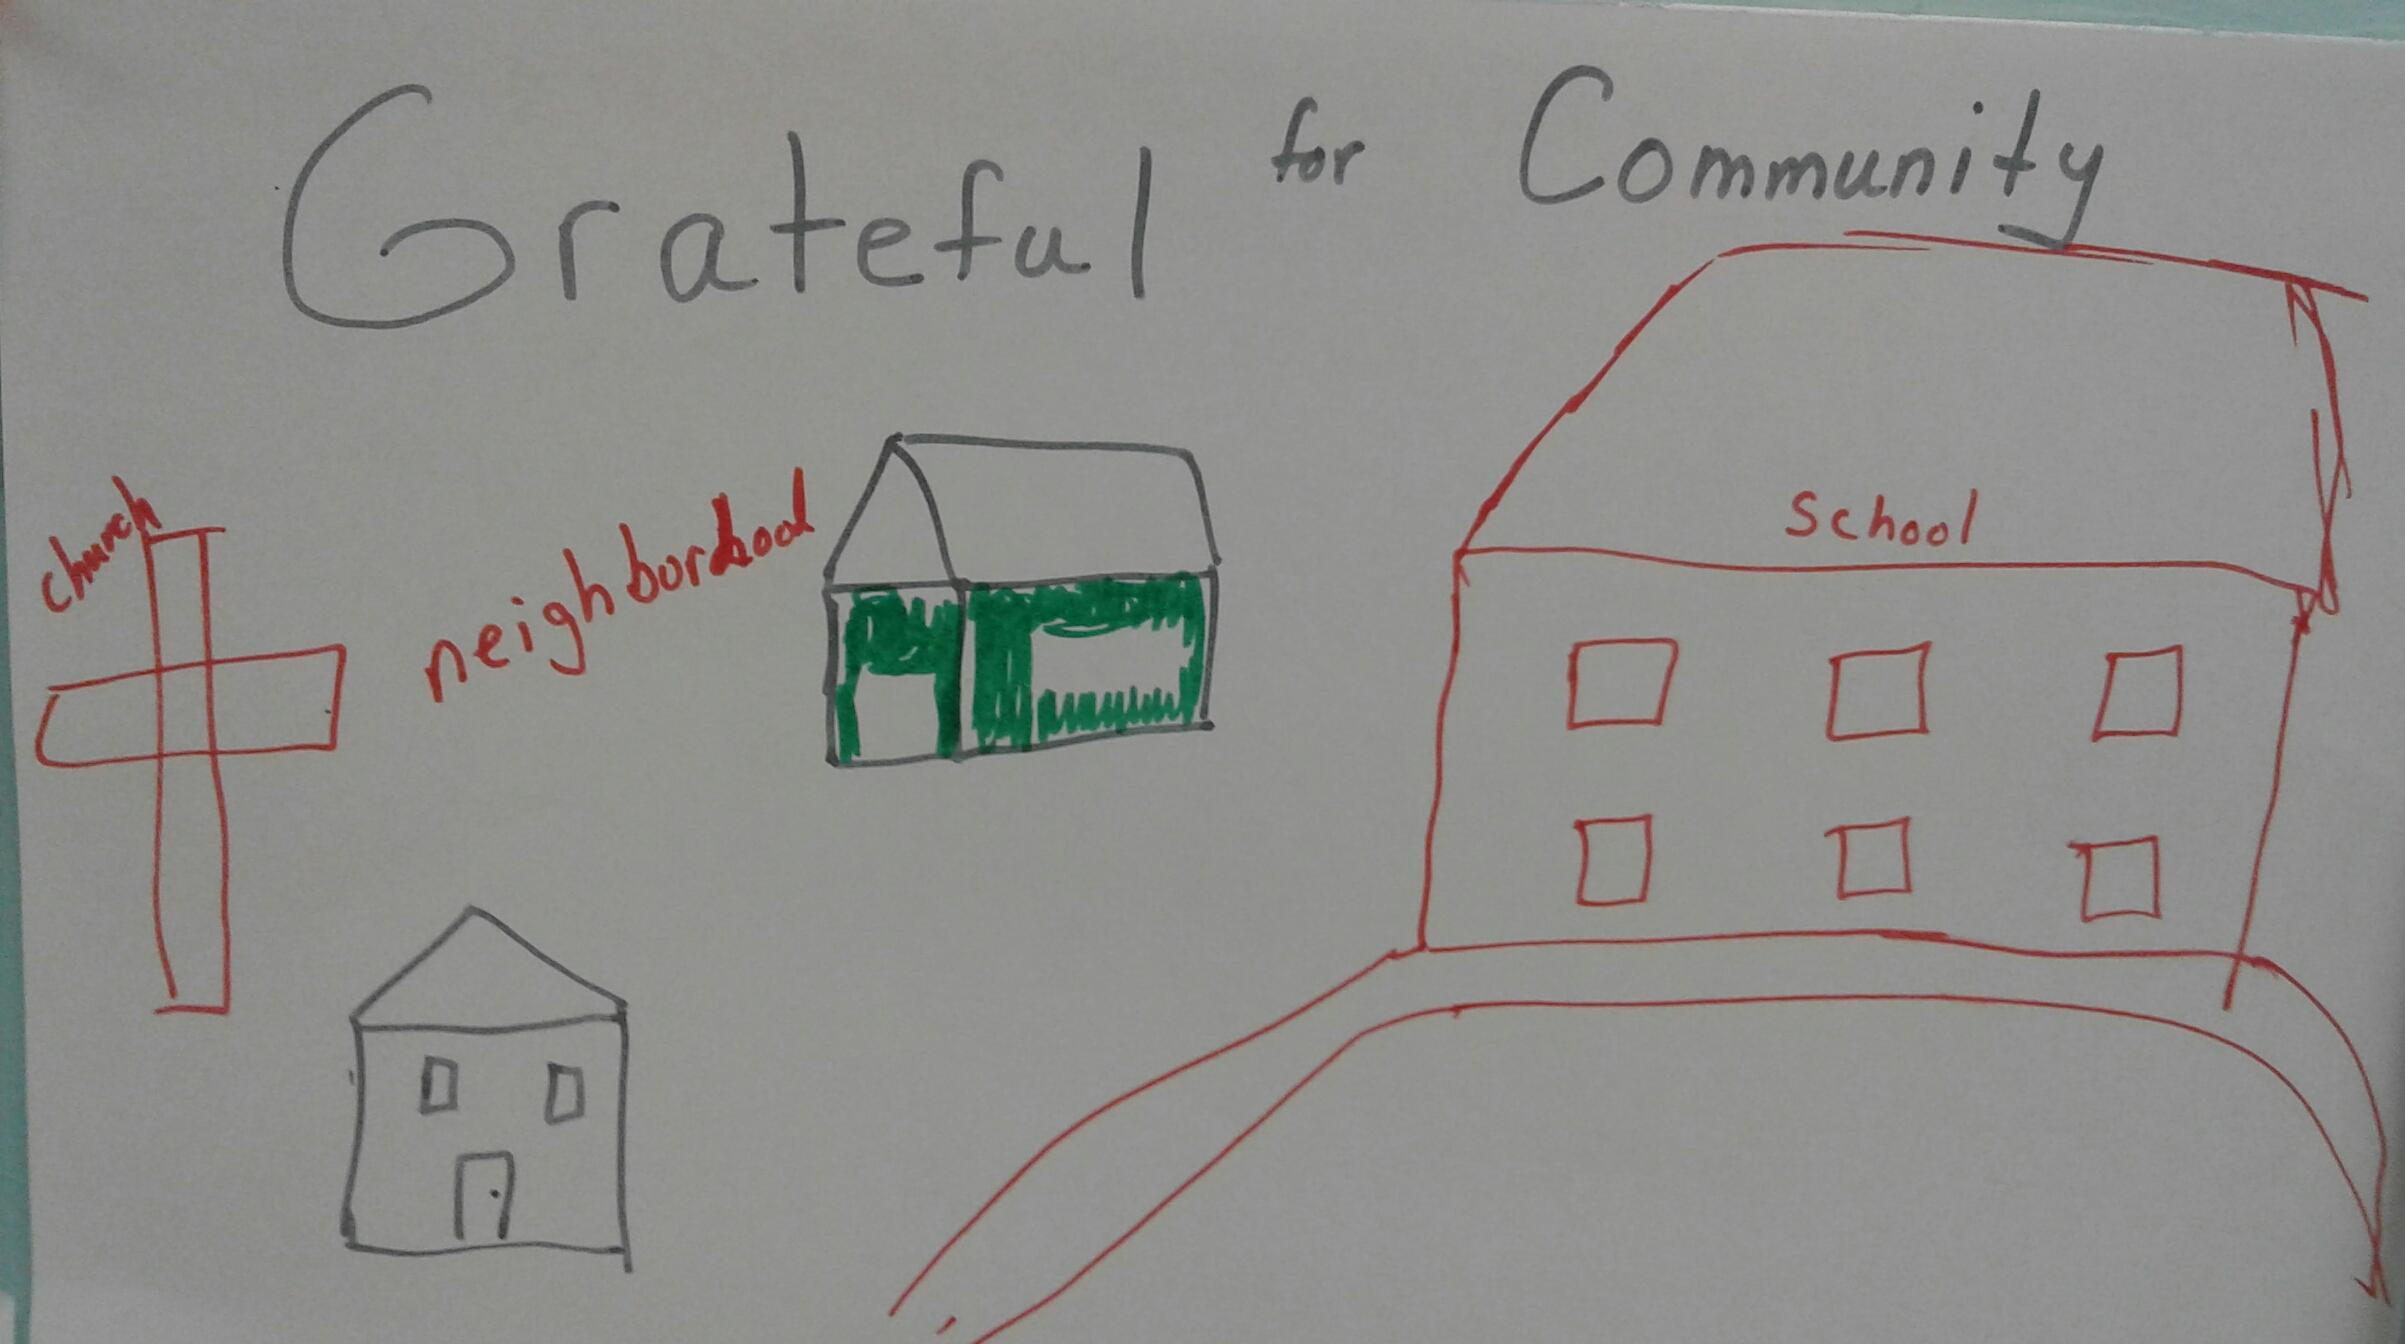 school church community.jpg